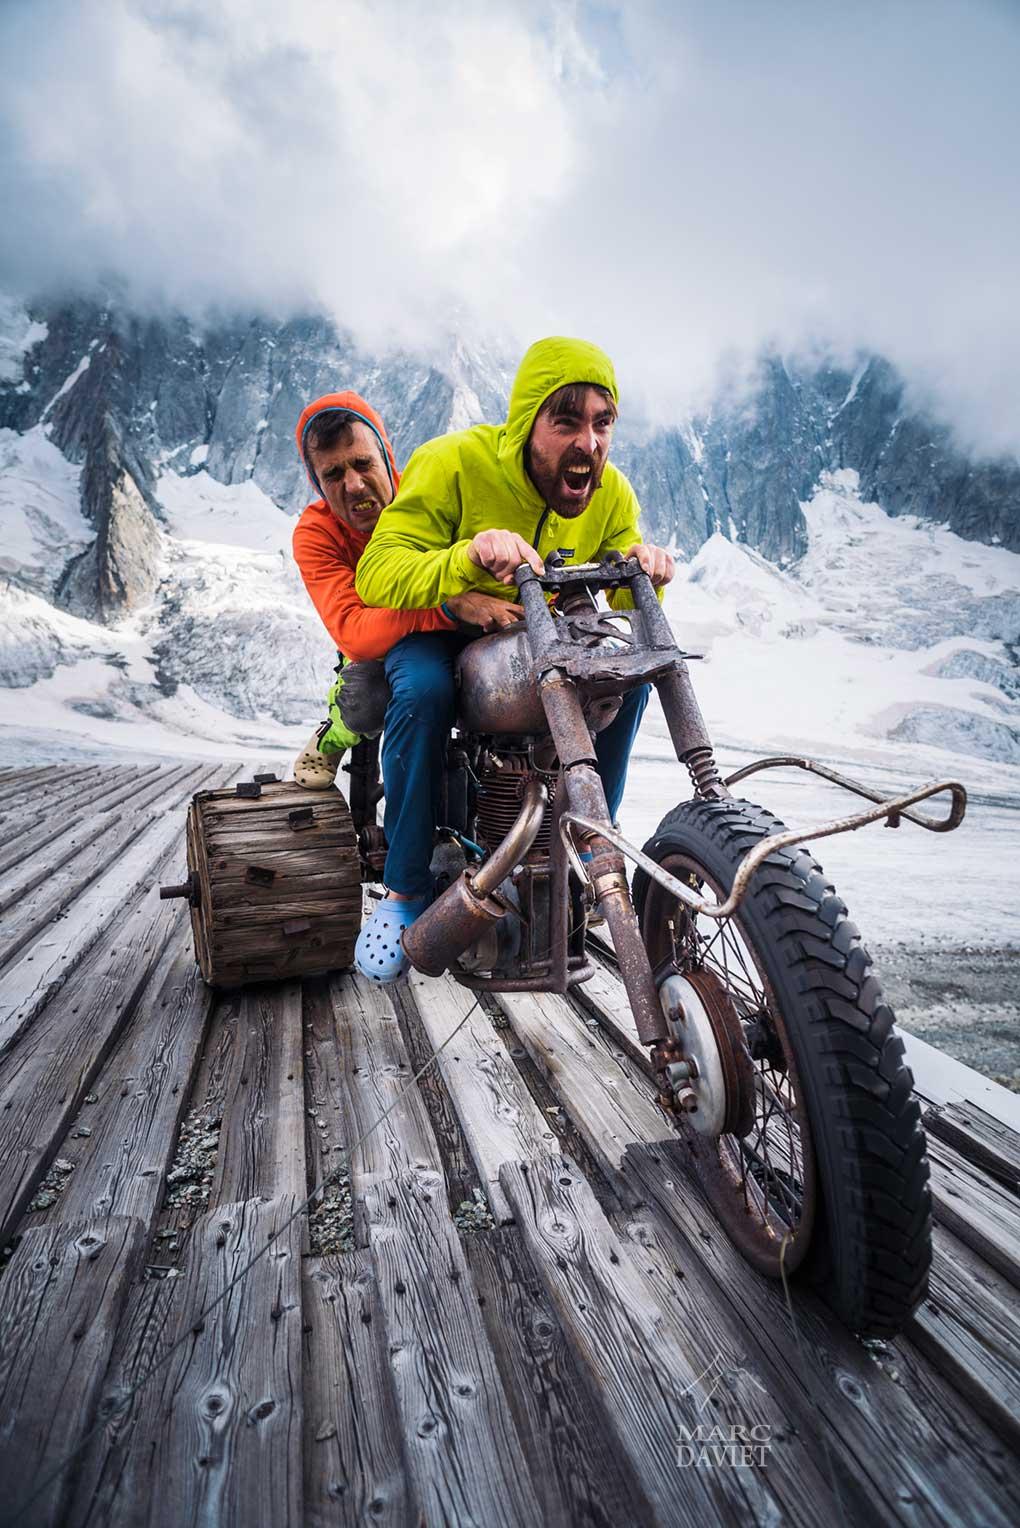 Christophe et Sean sur leur moto infernale